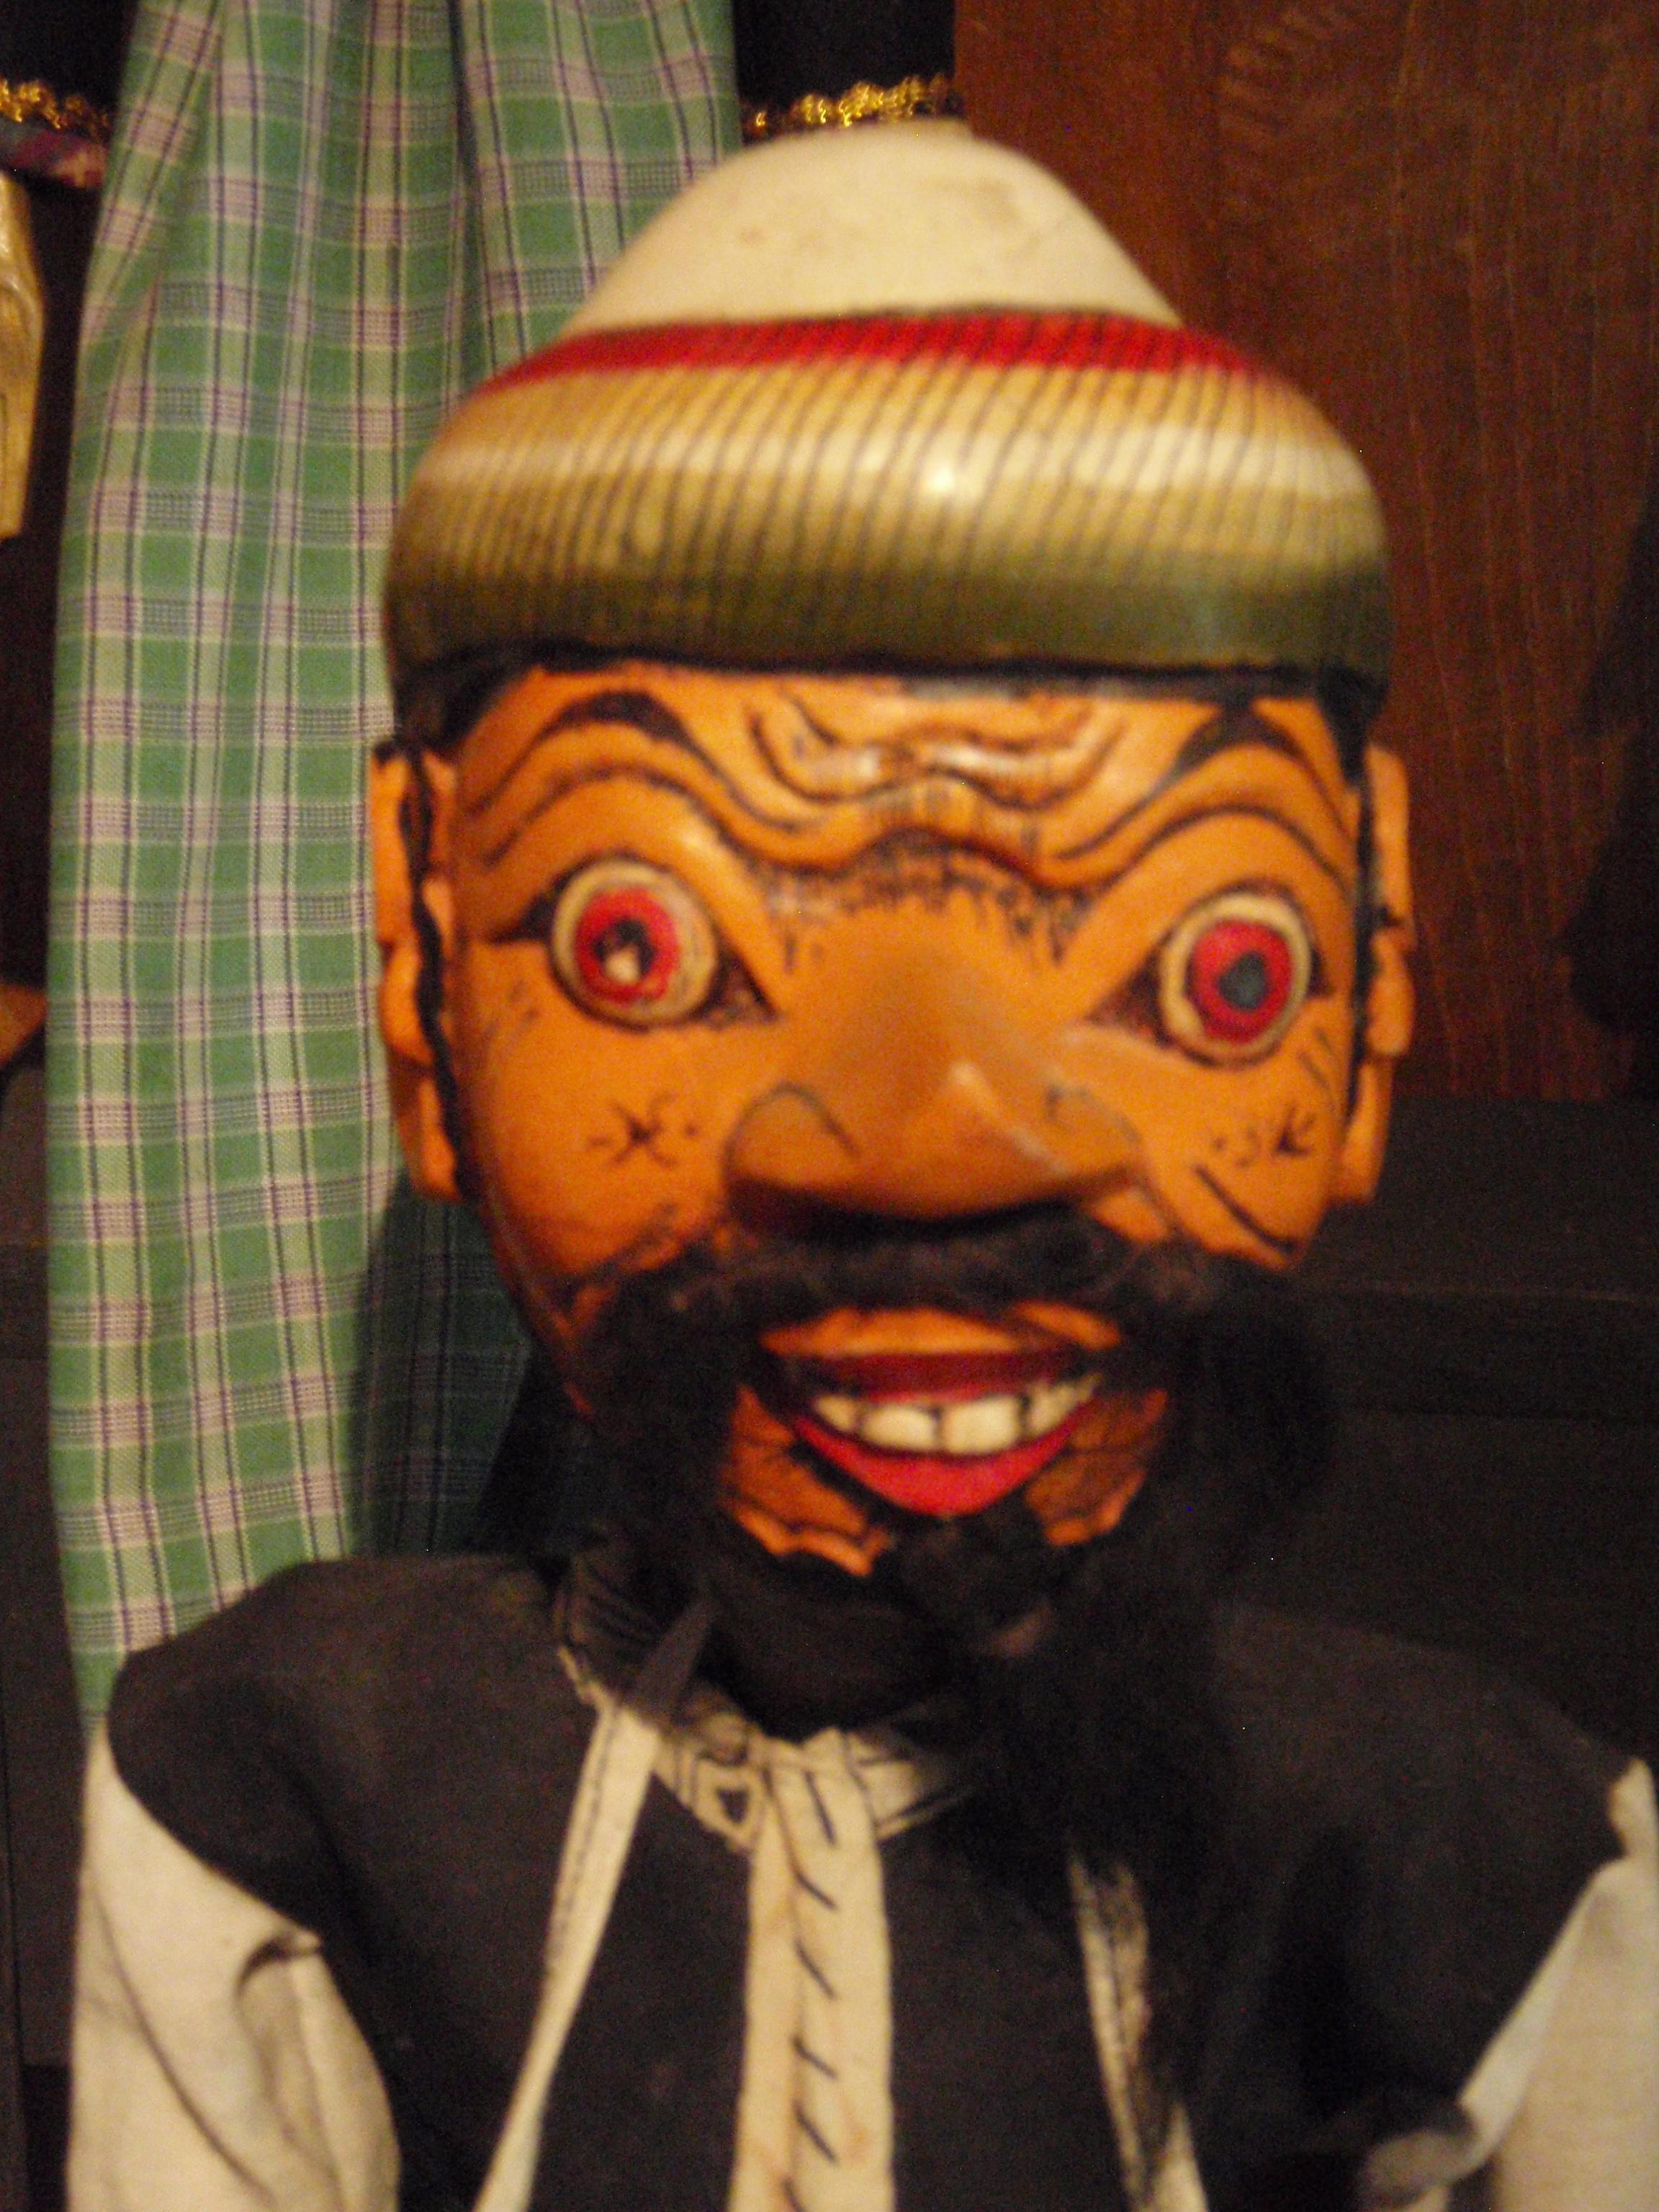 Wayang golek cepak, un cycle d'histoires du XVIe siècle relatant les chroniques de la cité côtière nord de <em>Cirebon</em> et la propagation de l'islam dans Java occidental (<em>Cirebon</em>, nord-ouest de Java, Indonésie). Marionnette à tiges. Collection : Setia Darma House of Masks and Puppets, Gianyar, Bali, Indonésie.